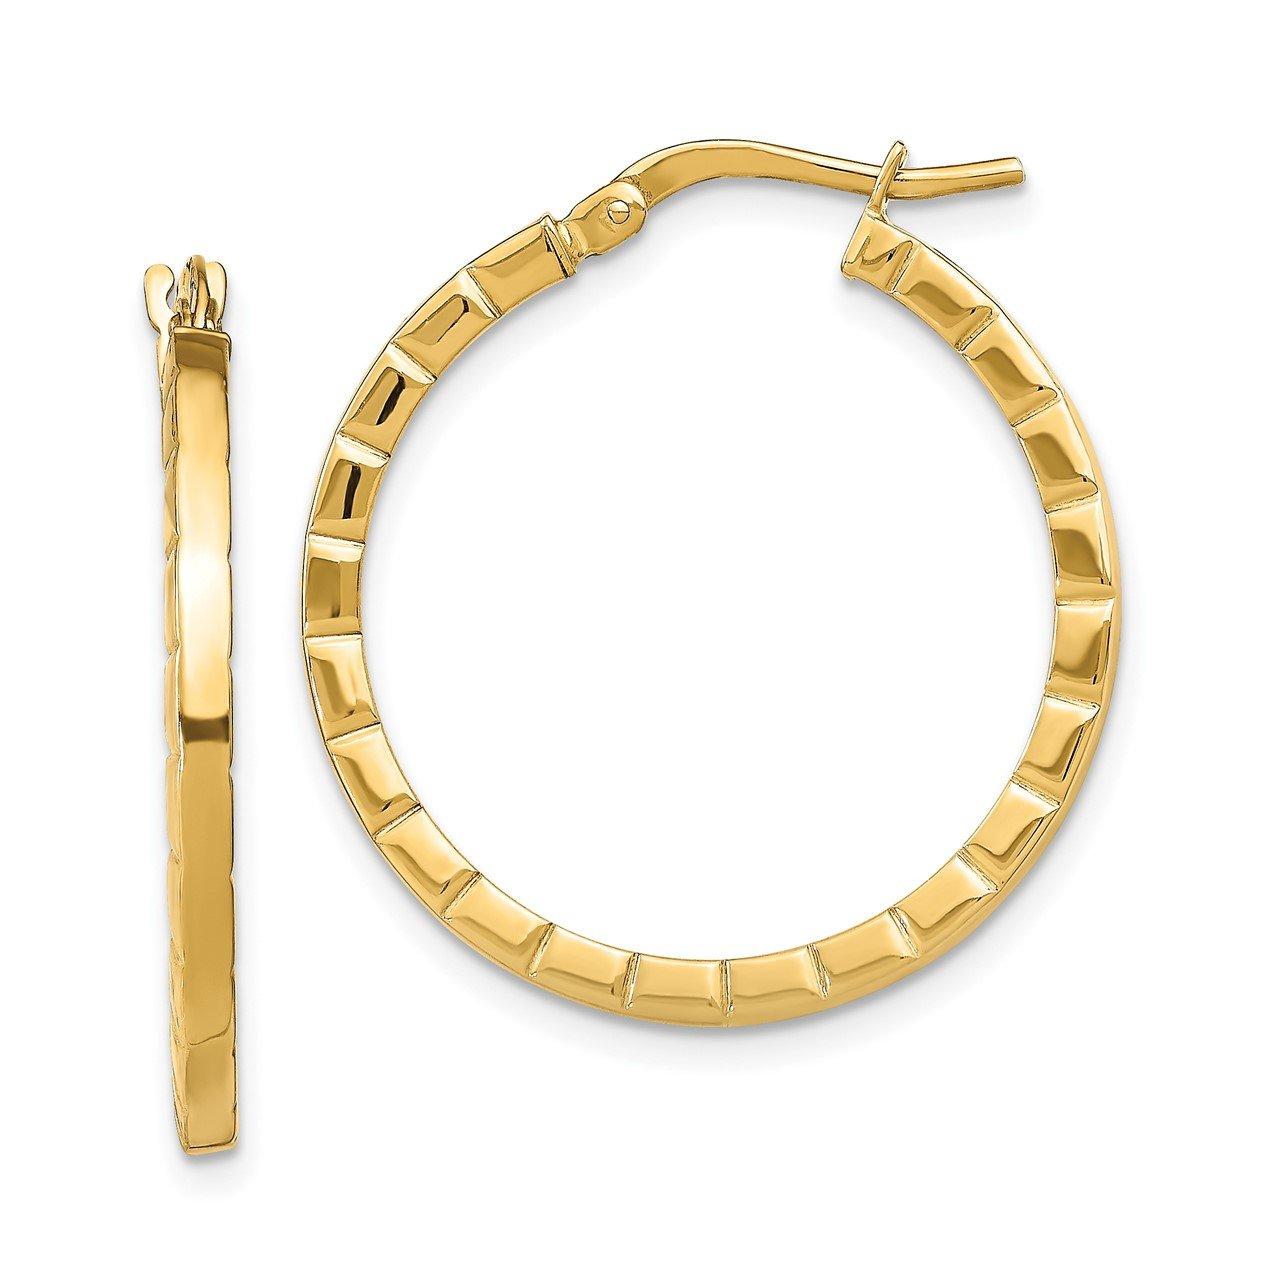 14k Large Striped Edge Hoop Earrings